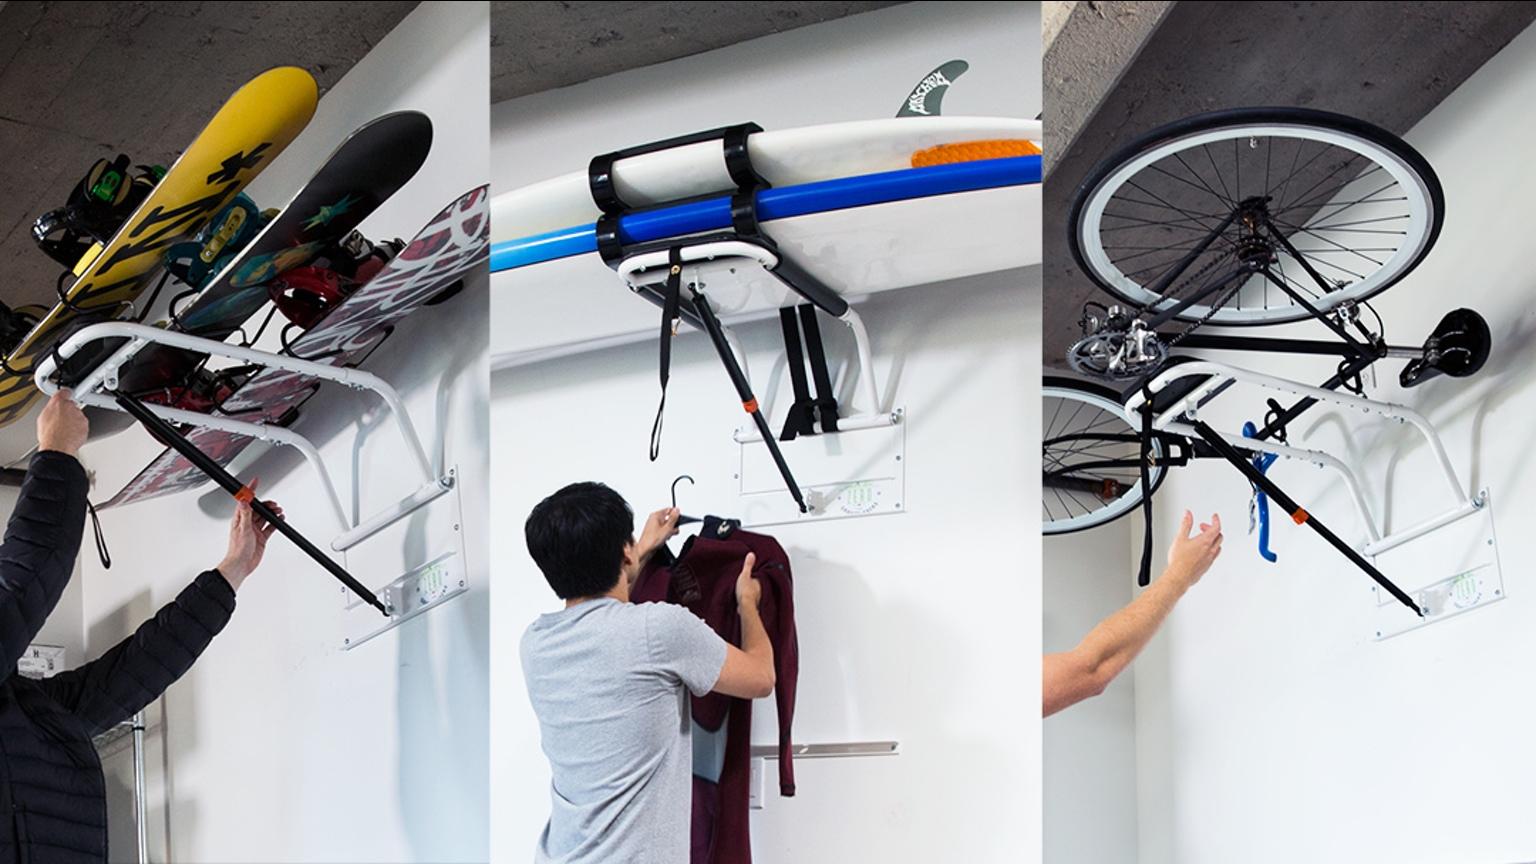 zero gravity racks rangez facilement votre v lo urbain chez vous. Black Bedroom Furniture Sets. Home Design Ideas